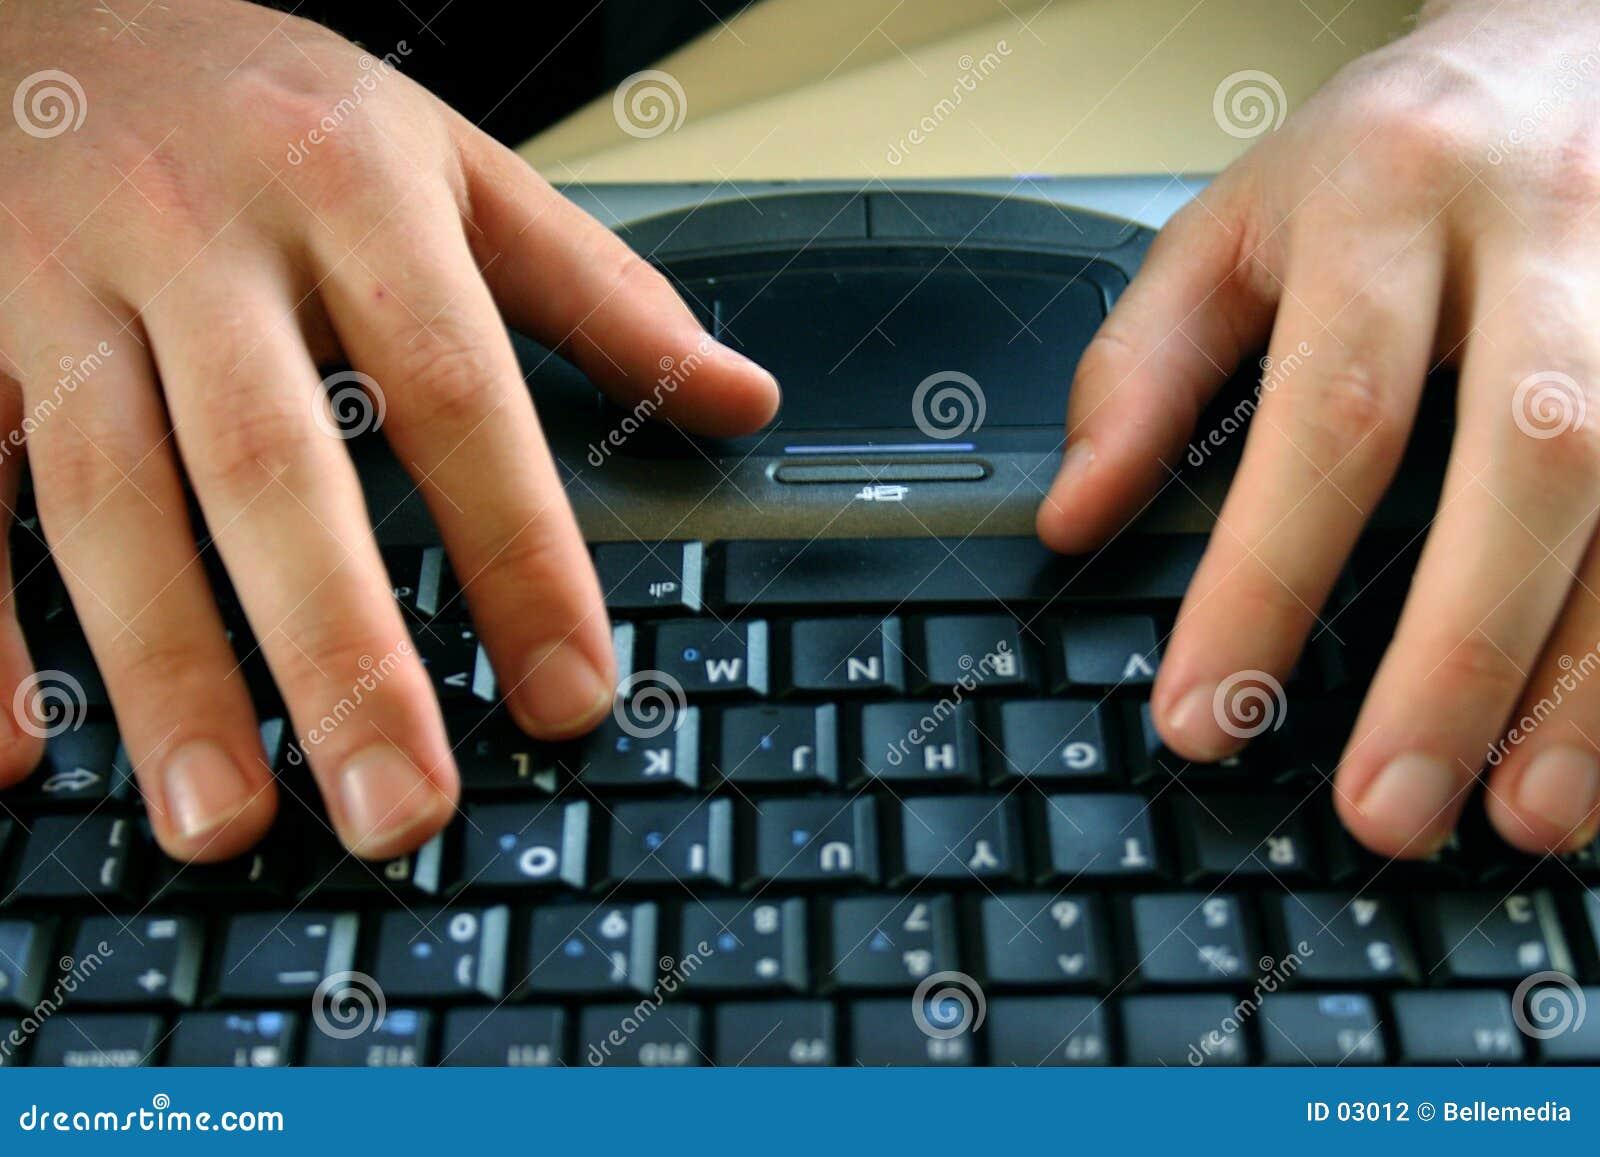 Podaj klawiaturę